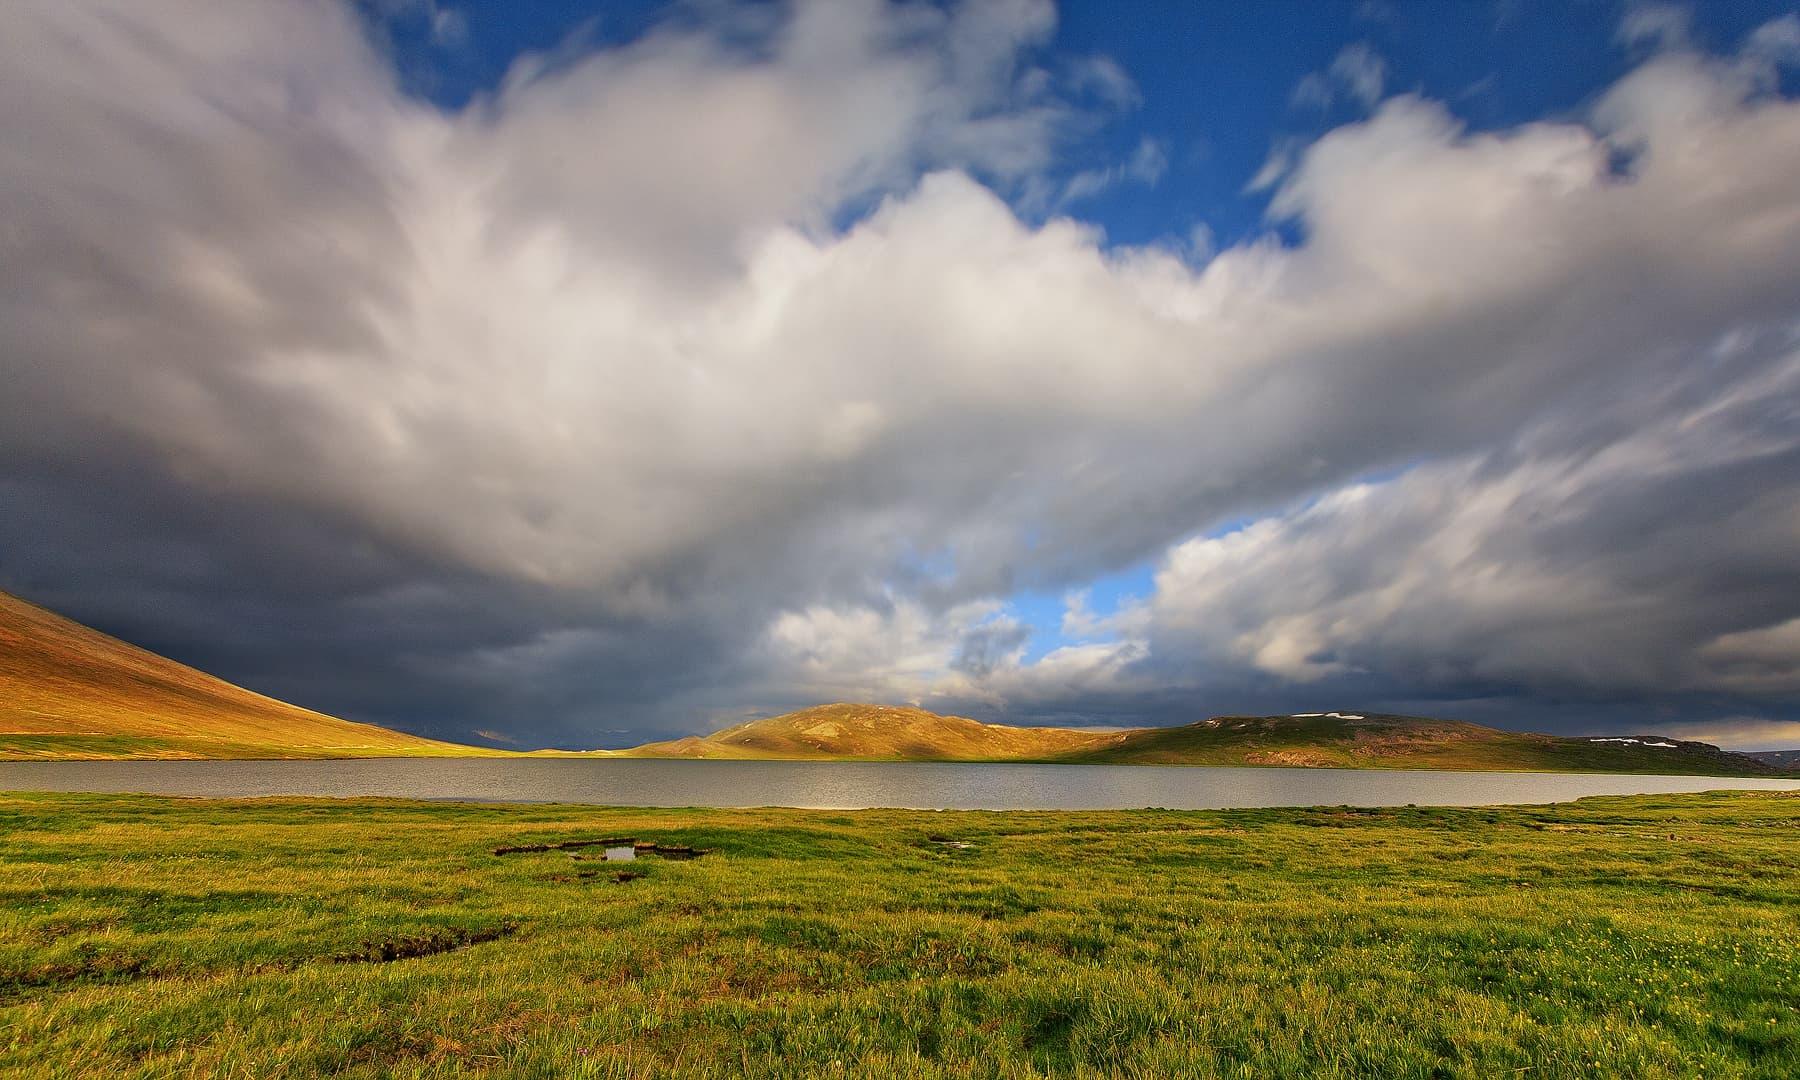 موسمِ گرما میں شیوسر جھیل — فوٹو سید مہدی بخاری